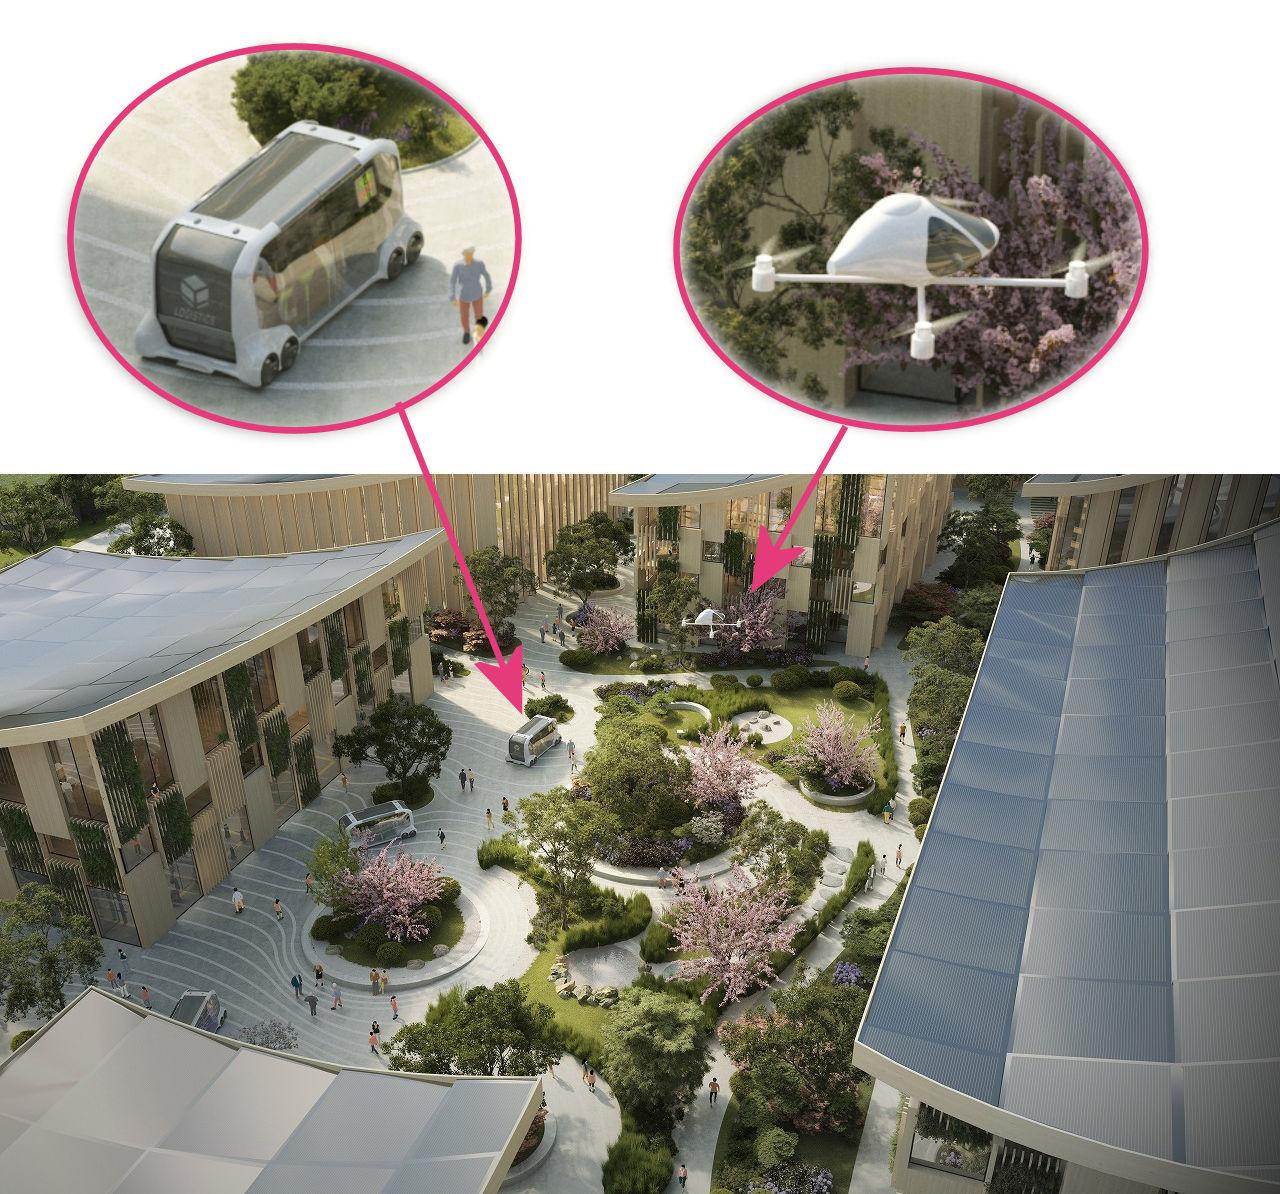 中庭を見下ろしたイメージ図。建物は木材を多用しており、屋根には太陽光パネルが。そしてドローンを拡大してみるとコックピットのようなものが付いている